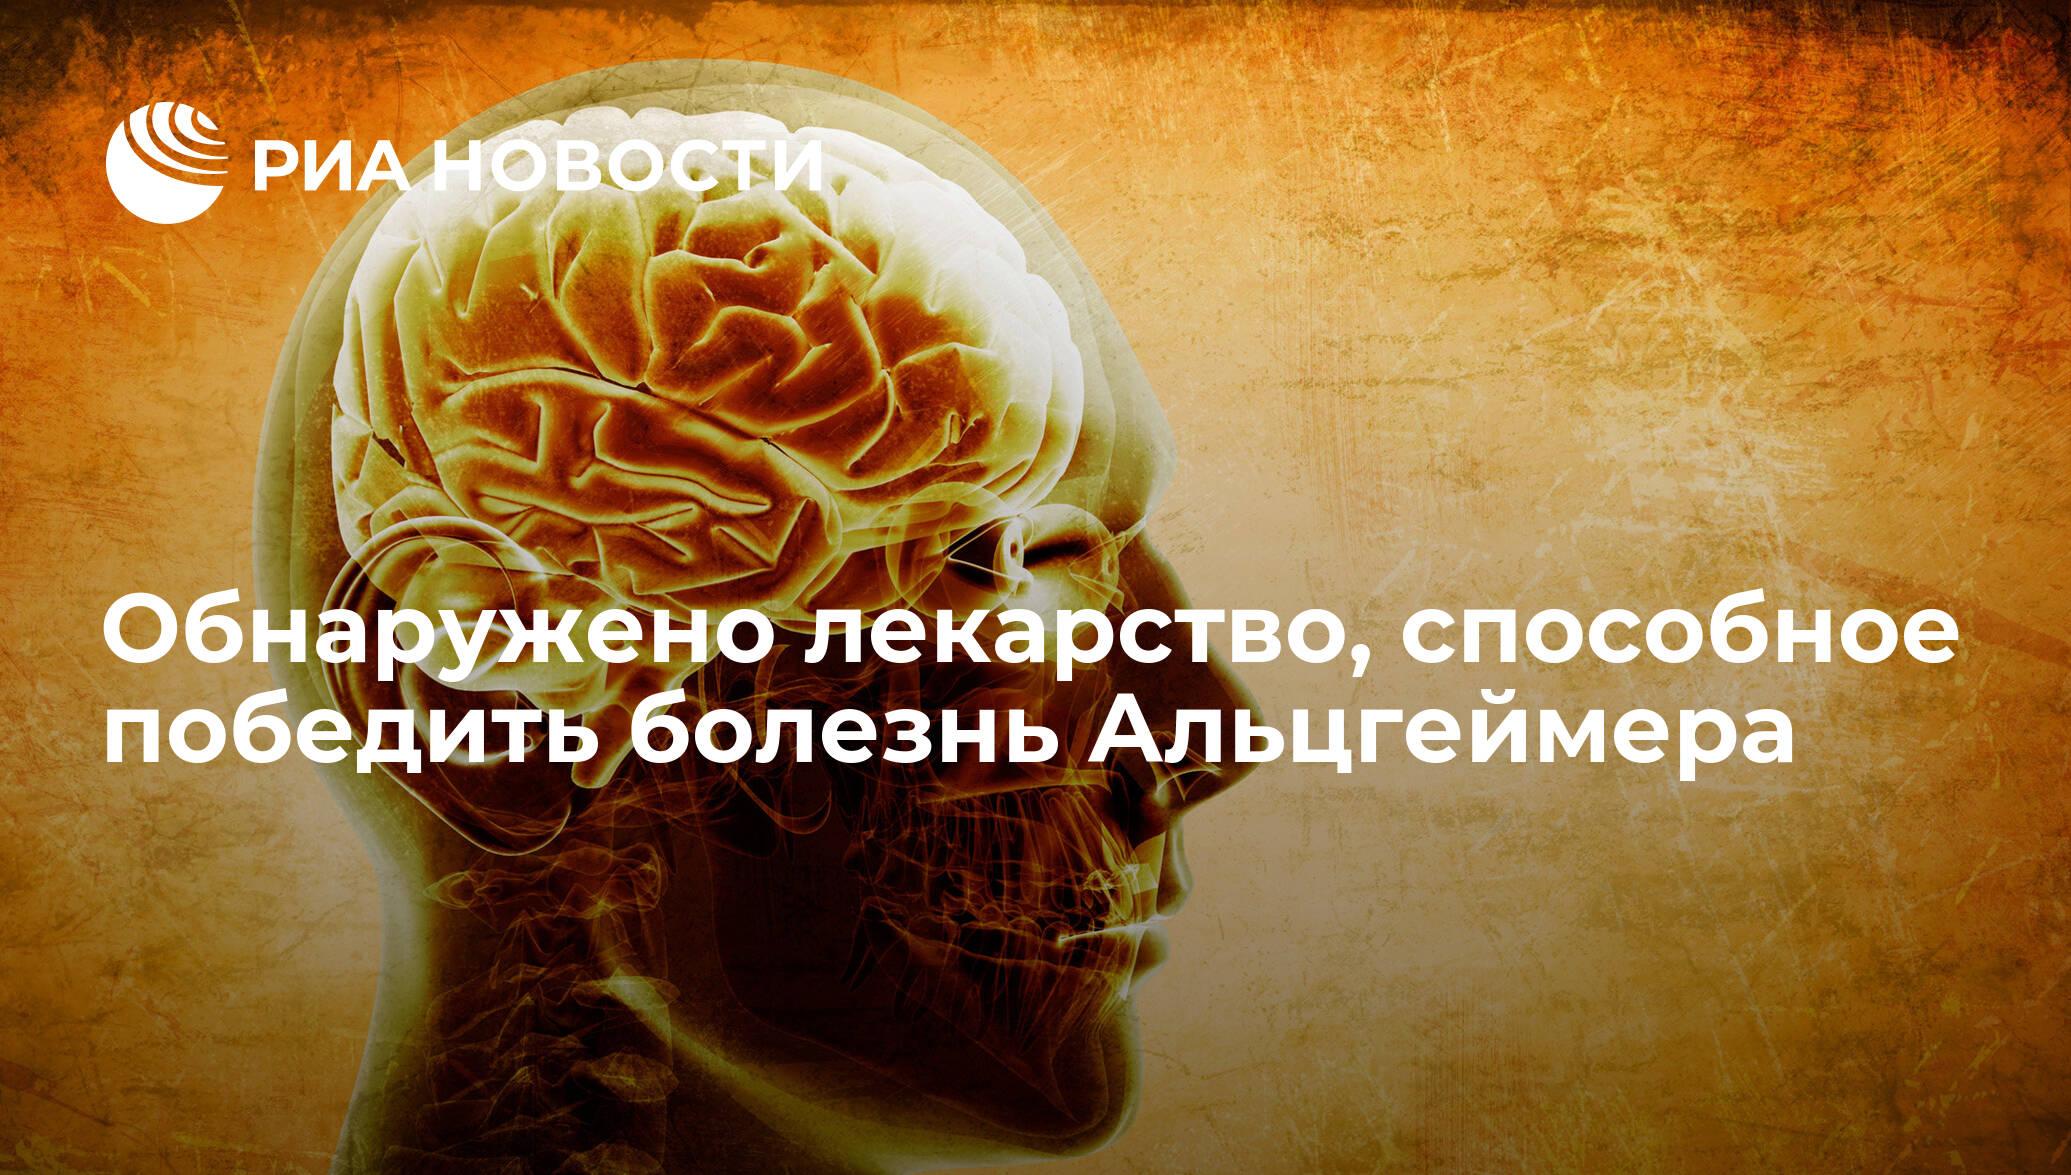 Обнаружено лекарство, способное победить болезнь Альцгеймера